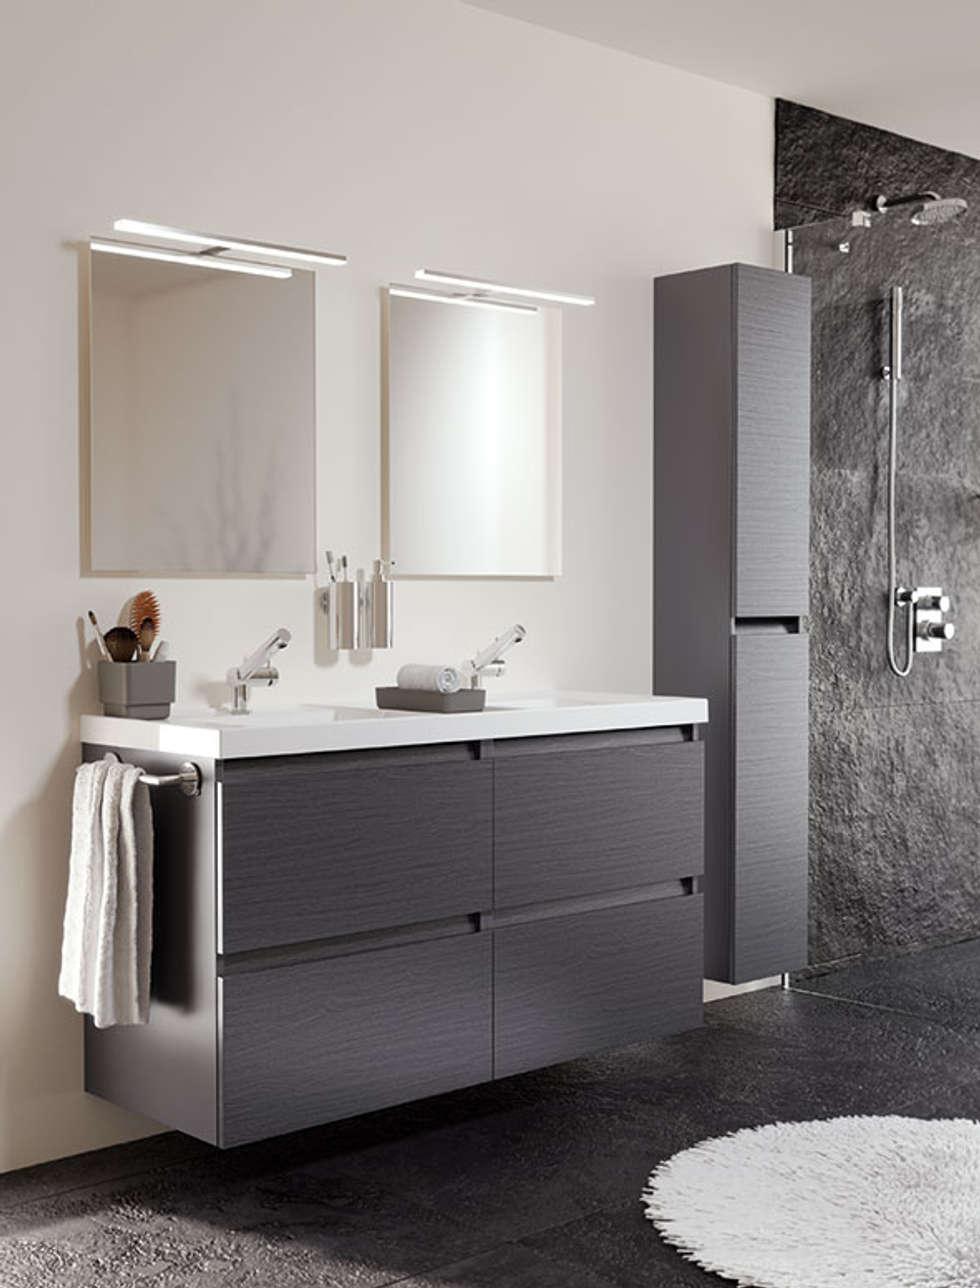 muebles para baos pequeos mueble pizarra con lavabo de resina con dos senos y cuatro cajones cm x cm de